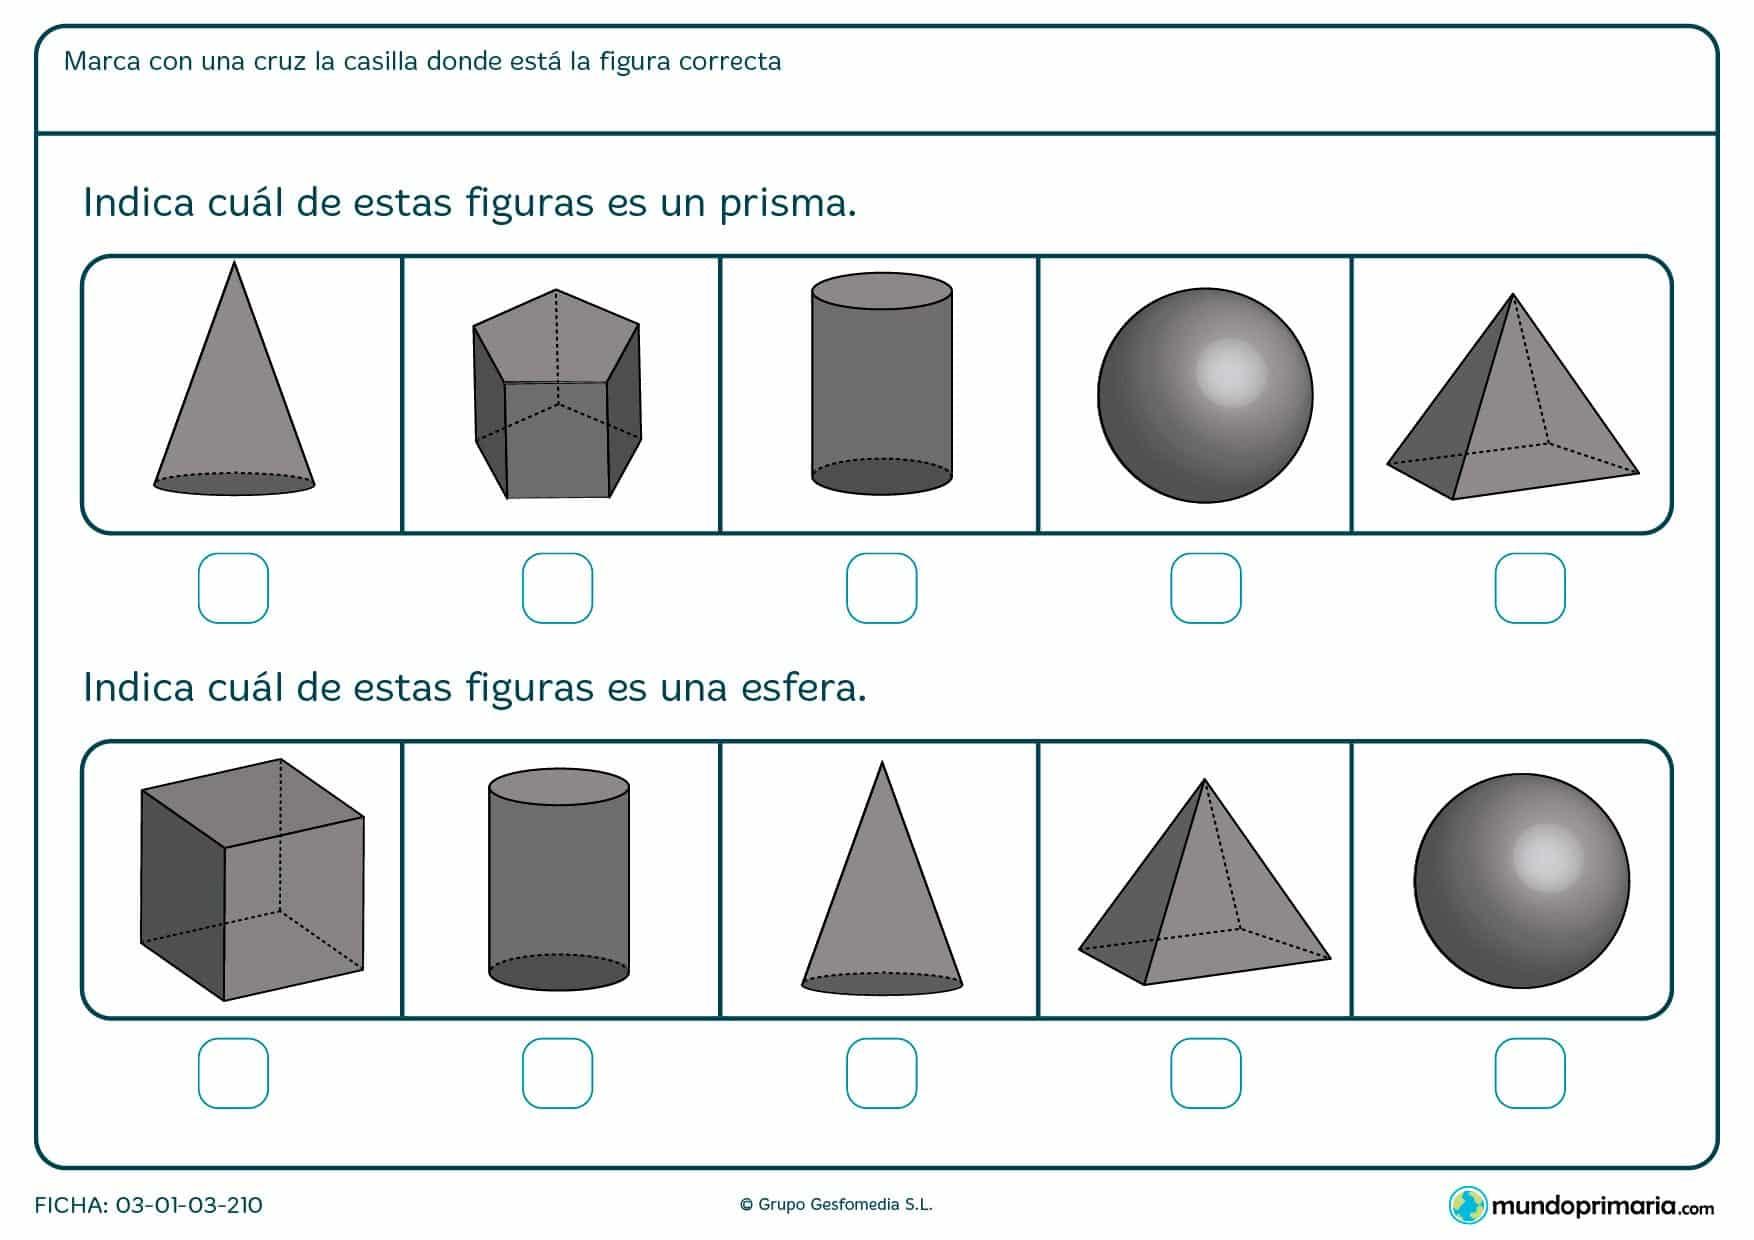 Ficha de esféricos para que los niños de primero de primaria indiquen cual es la figura correspondiente.